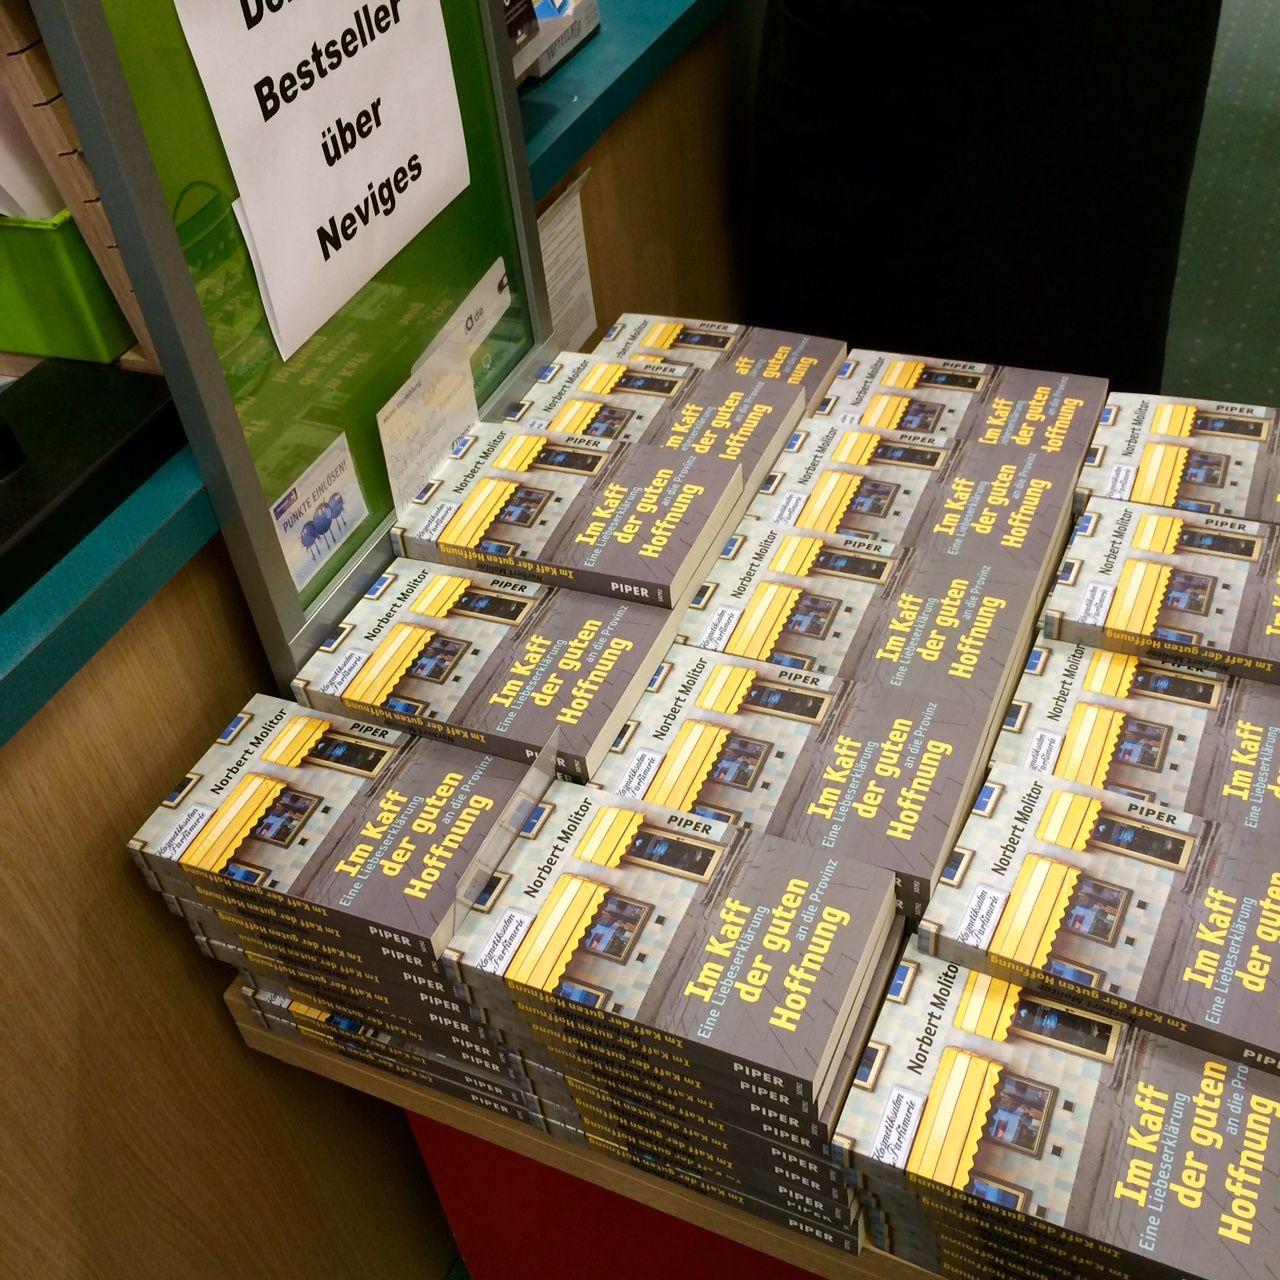 Thalia Buchhandel in Velbert Im Kaff der guten Hoffnung